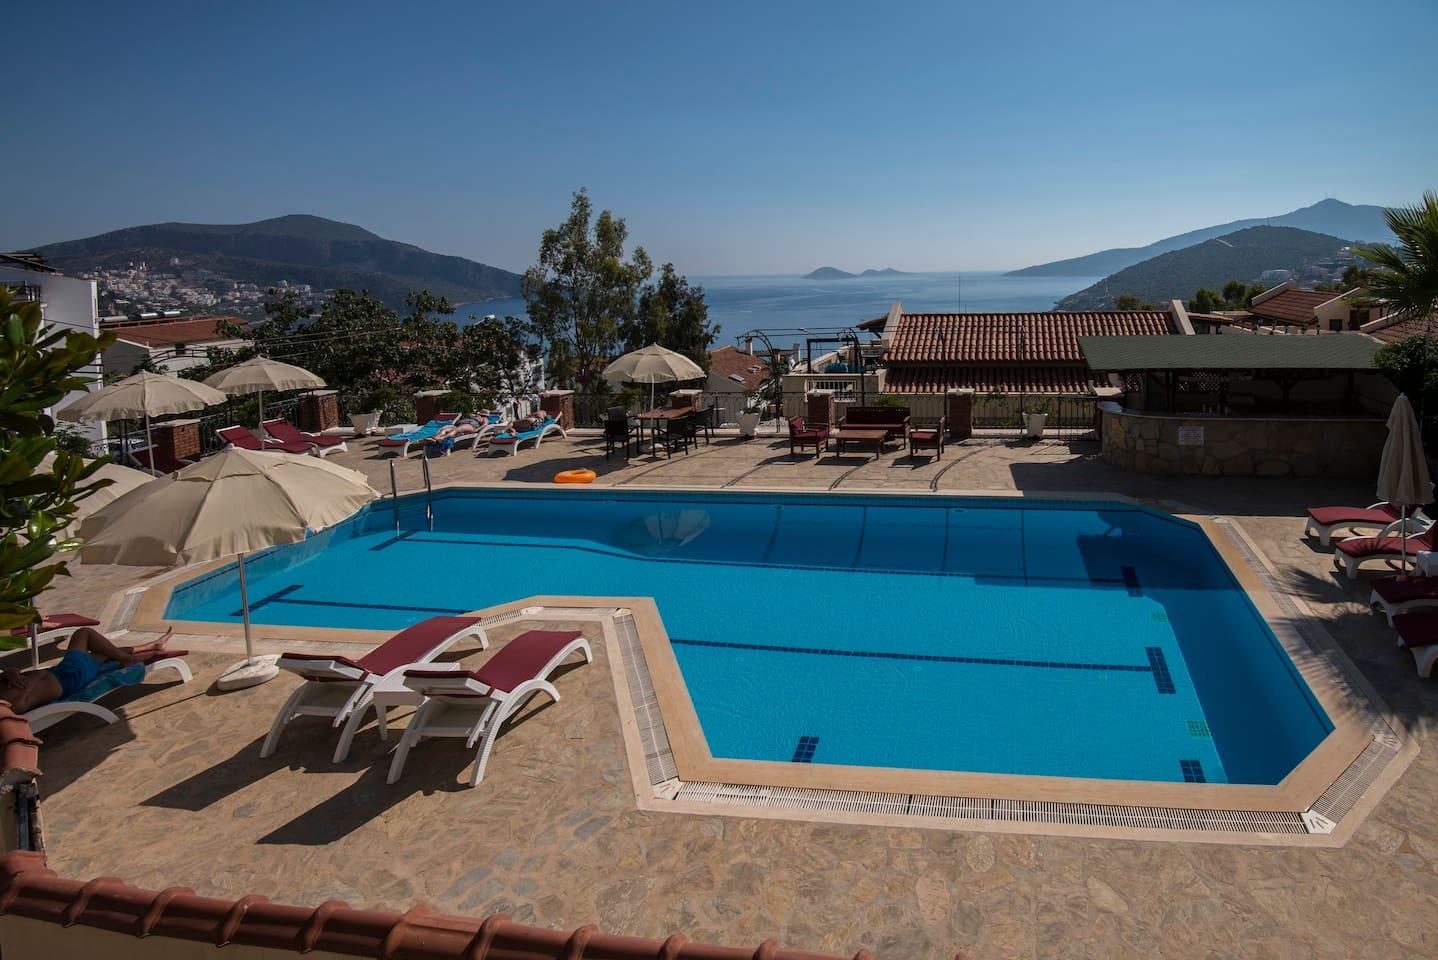 The Falcon Villas pool area